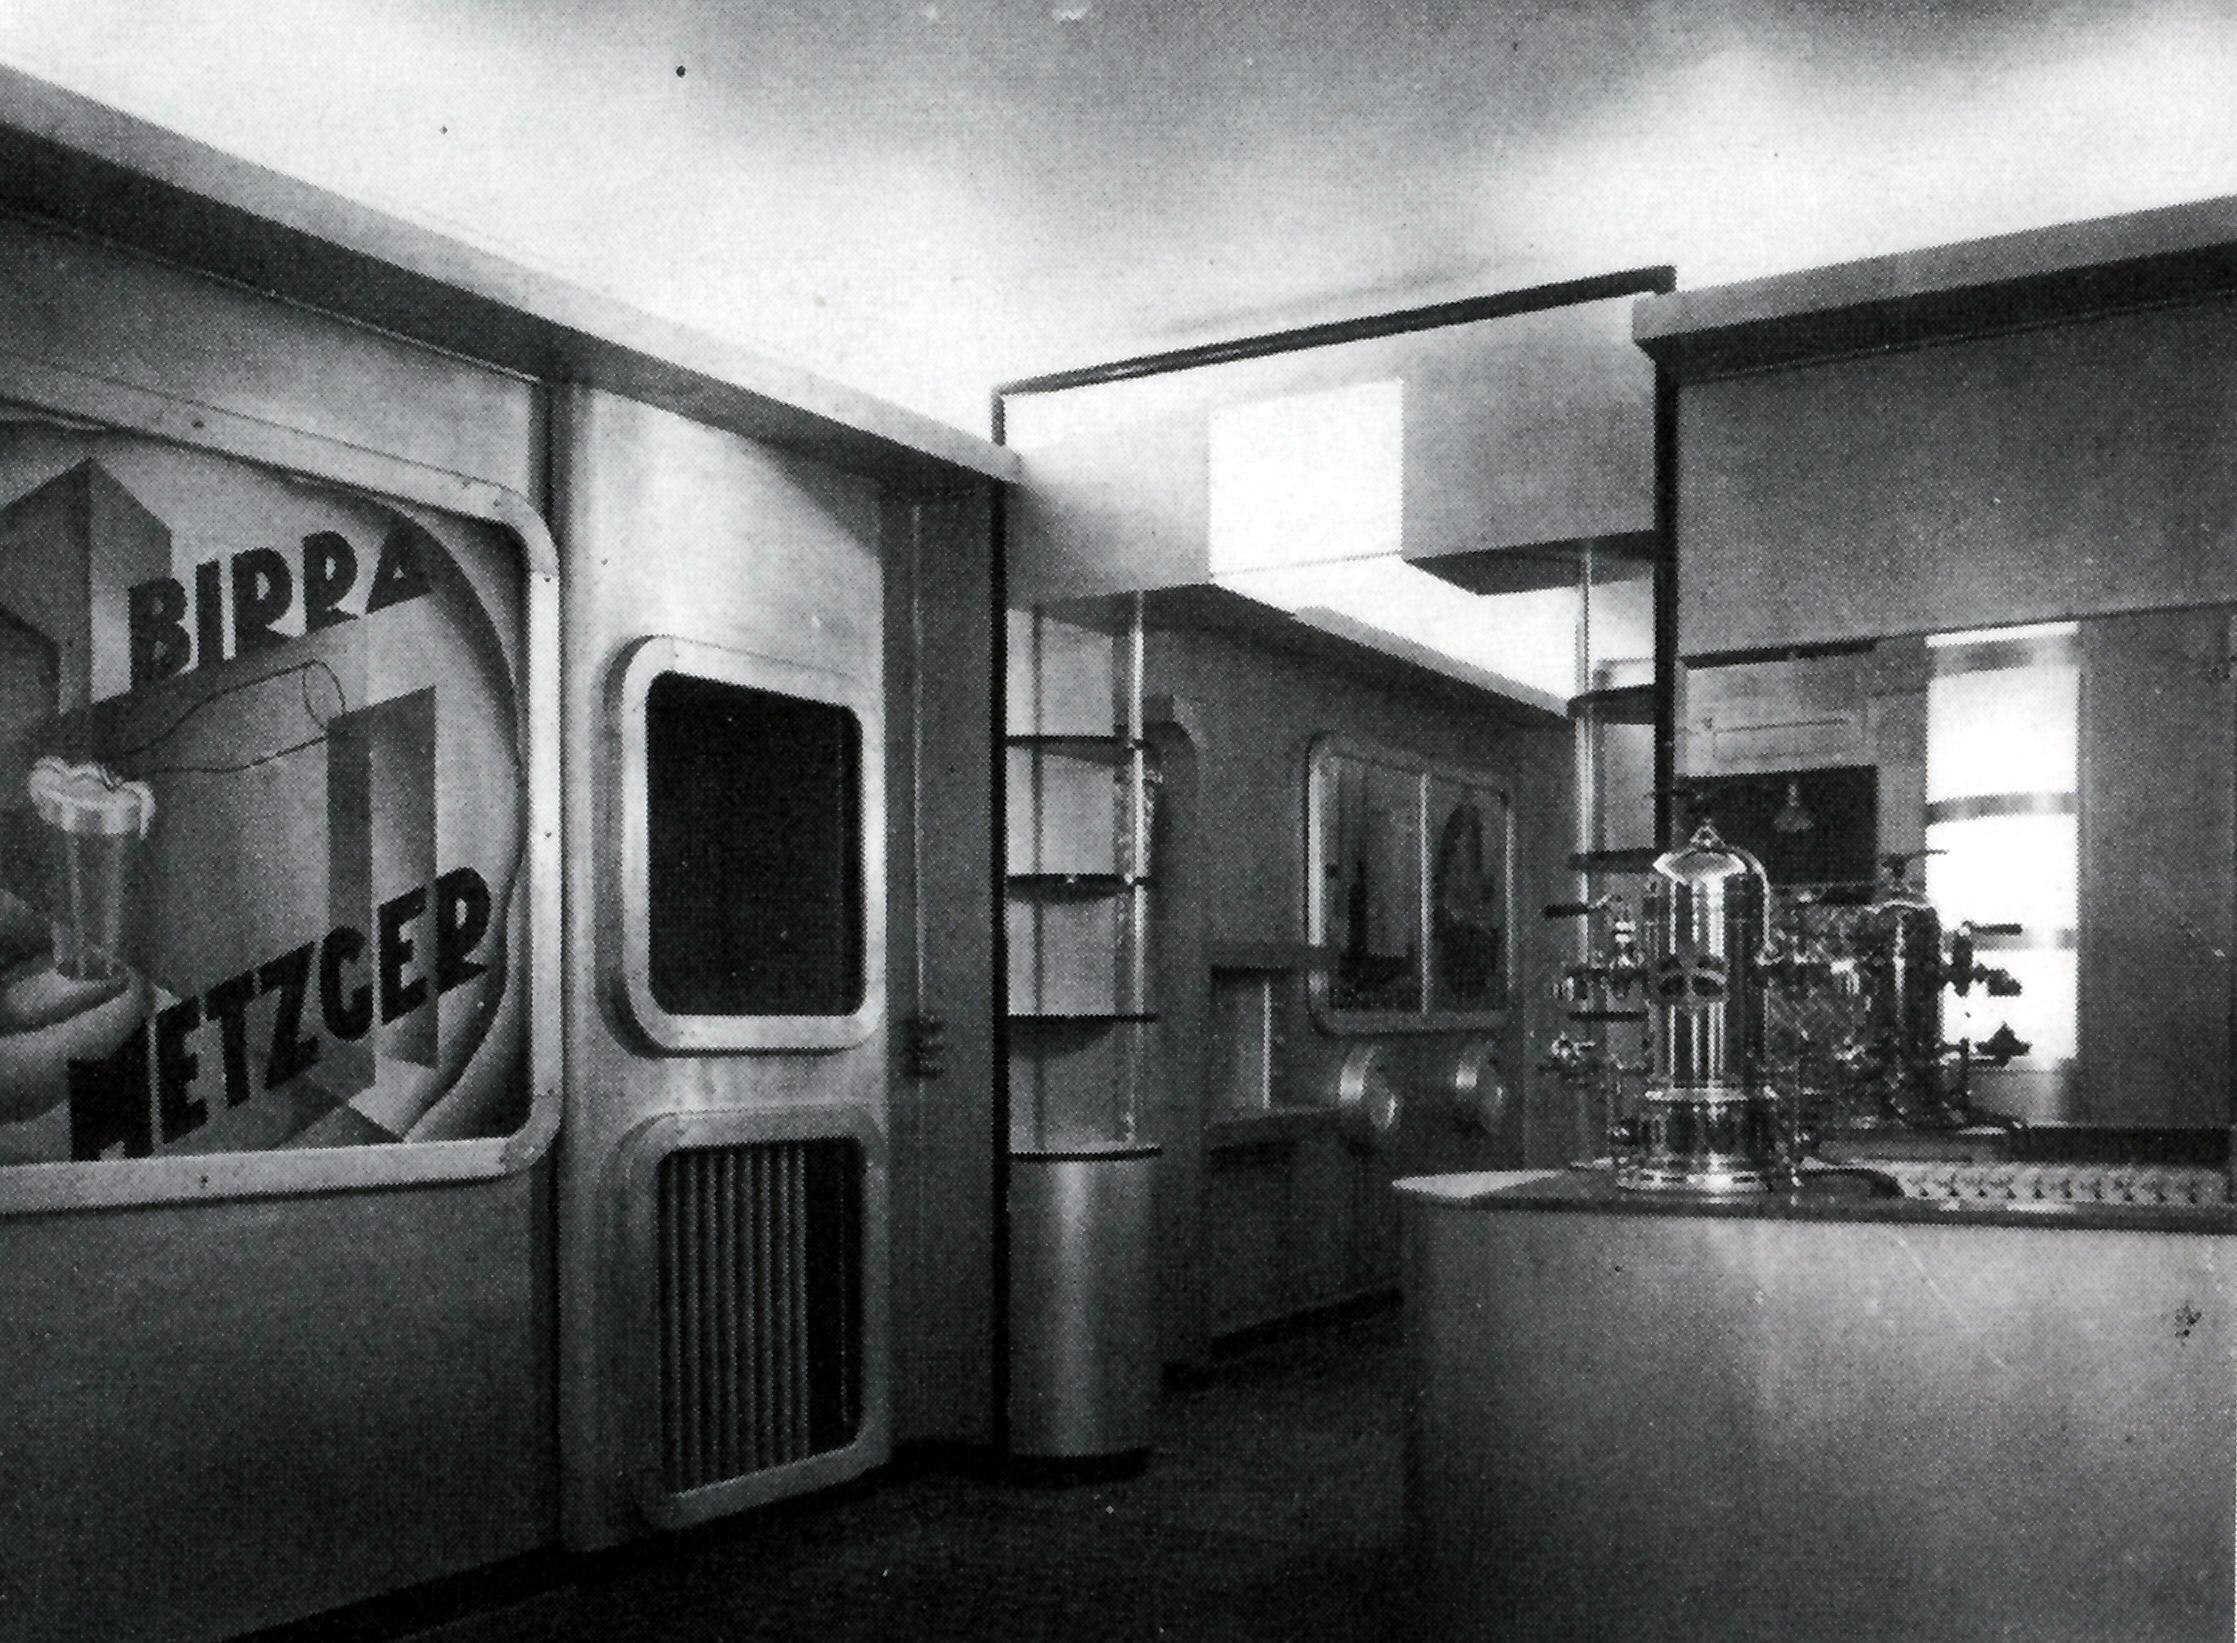 Luigi Colombo, in arte Fillia, e l' architetto Nicolay Diulgheroff convinsero Angelo Giachino, proprietario del locale di via Vanchiglia 2 a Torino, ad aprire il primo ristorante futurista: la Taverna del Santopalato.